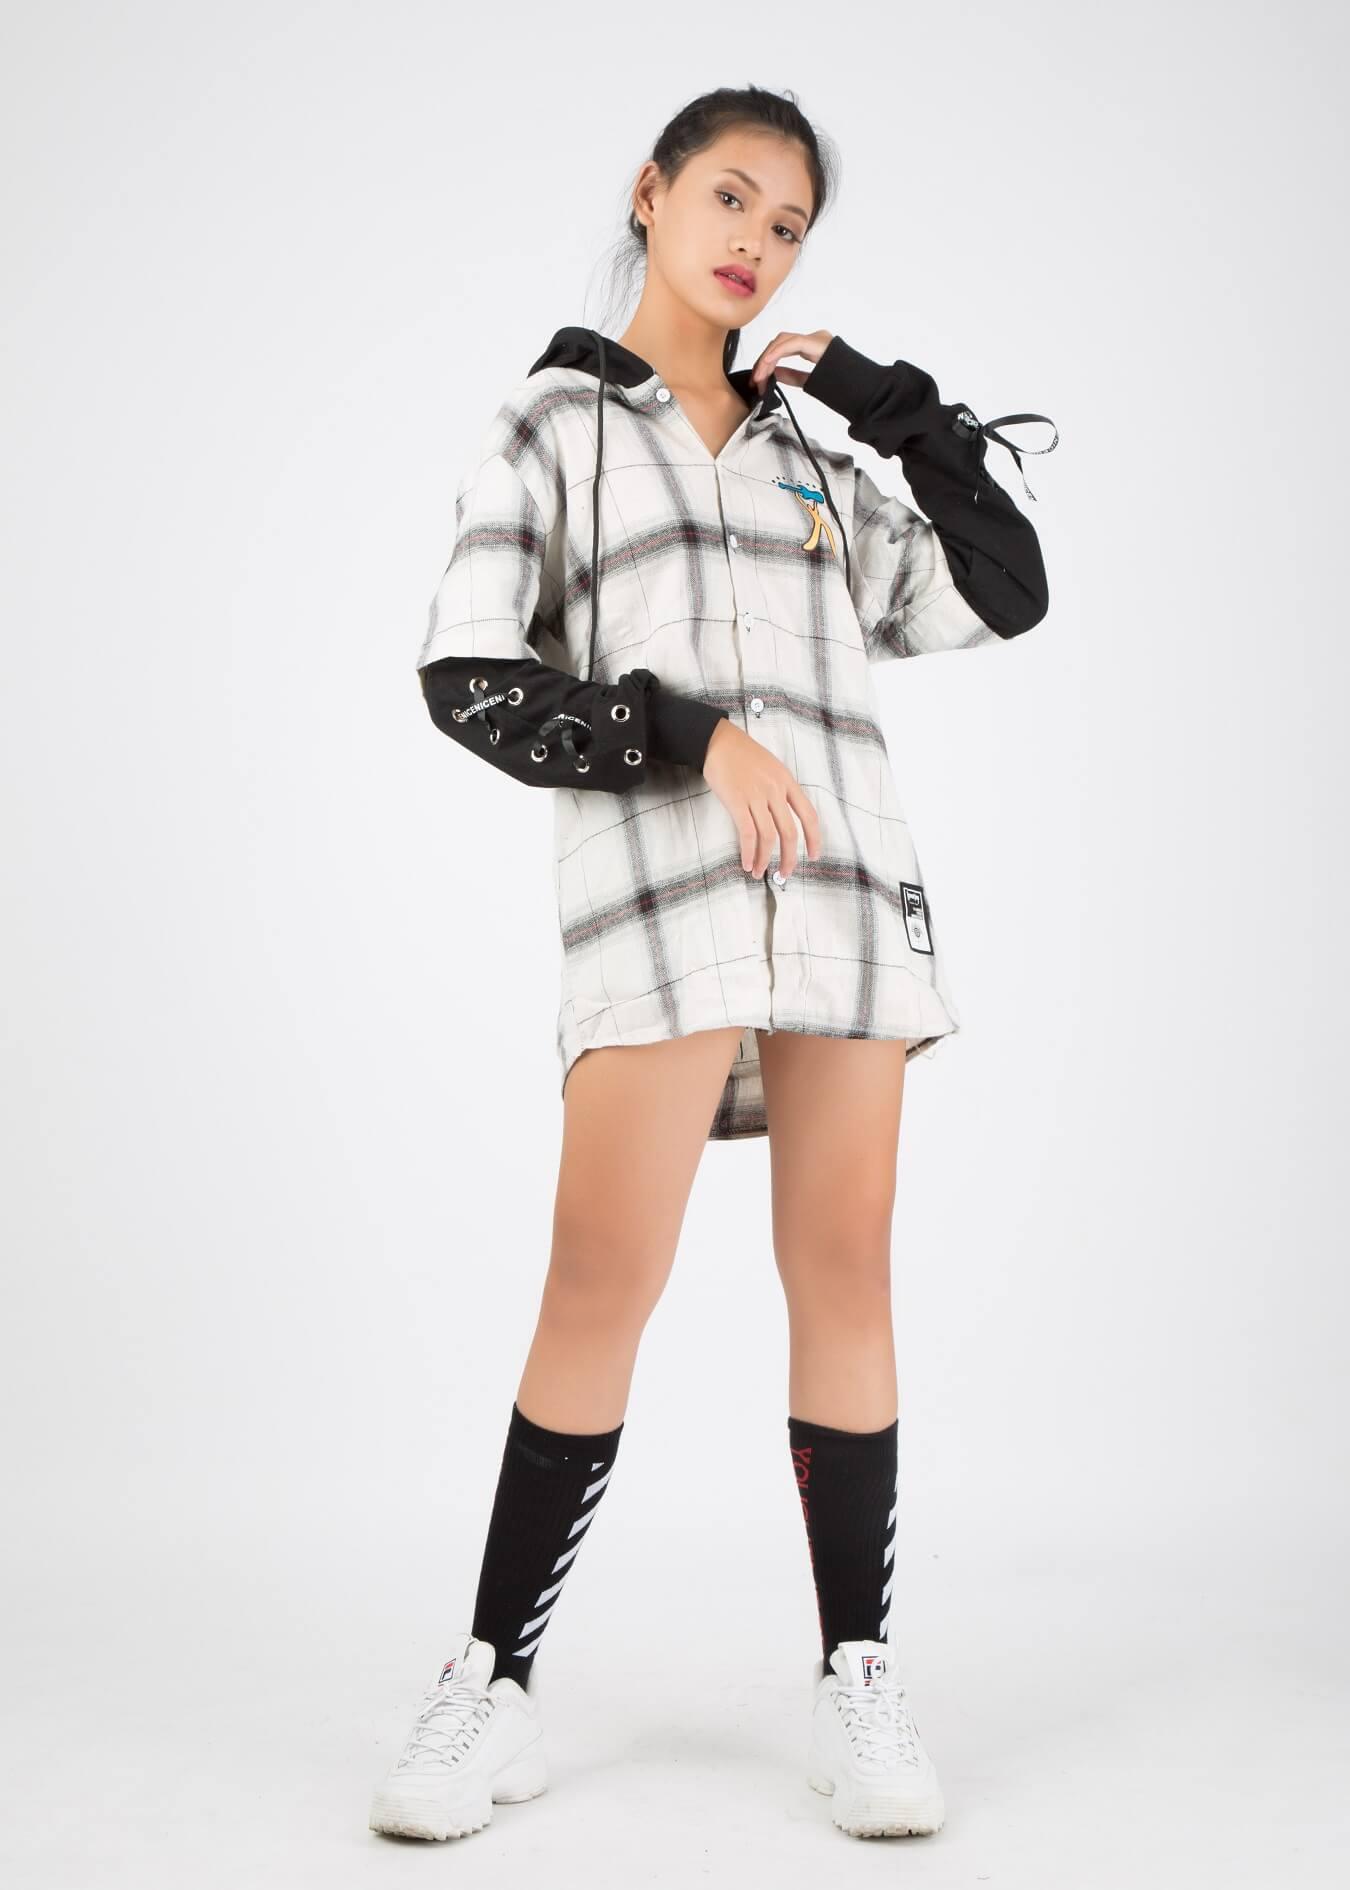 Black & White - Cảm hứng phối đồ chớm Thu hiện đại